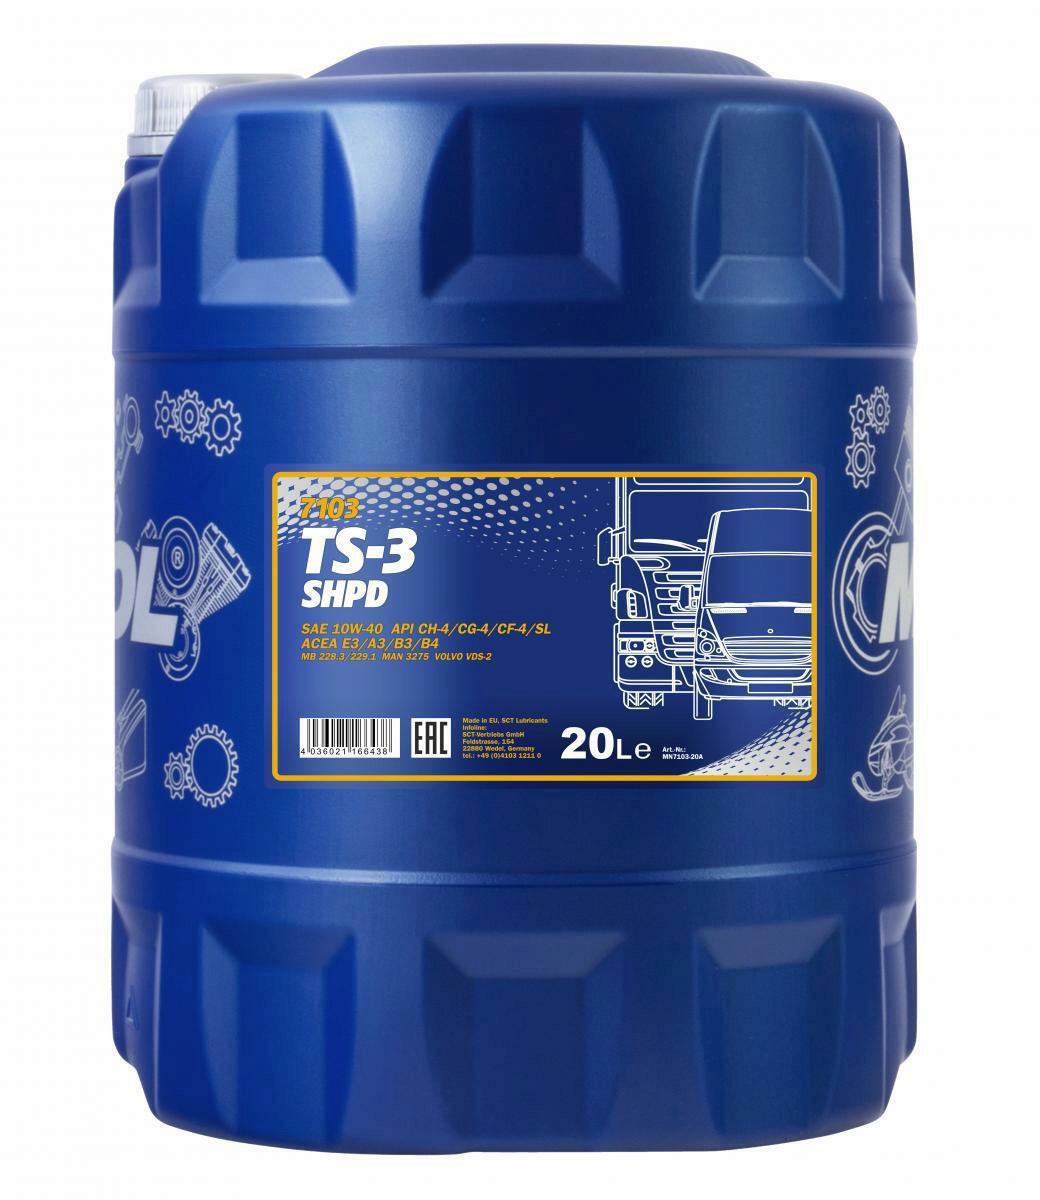 Mannol TS-3 SHPD 10W-40 Motoröl 20L